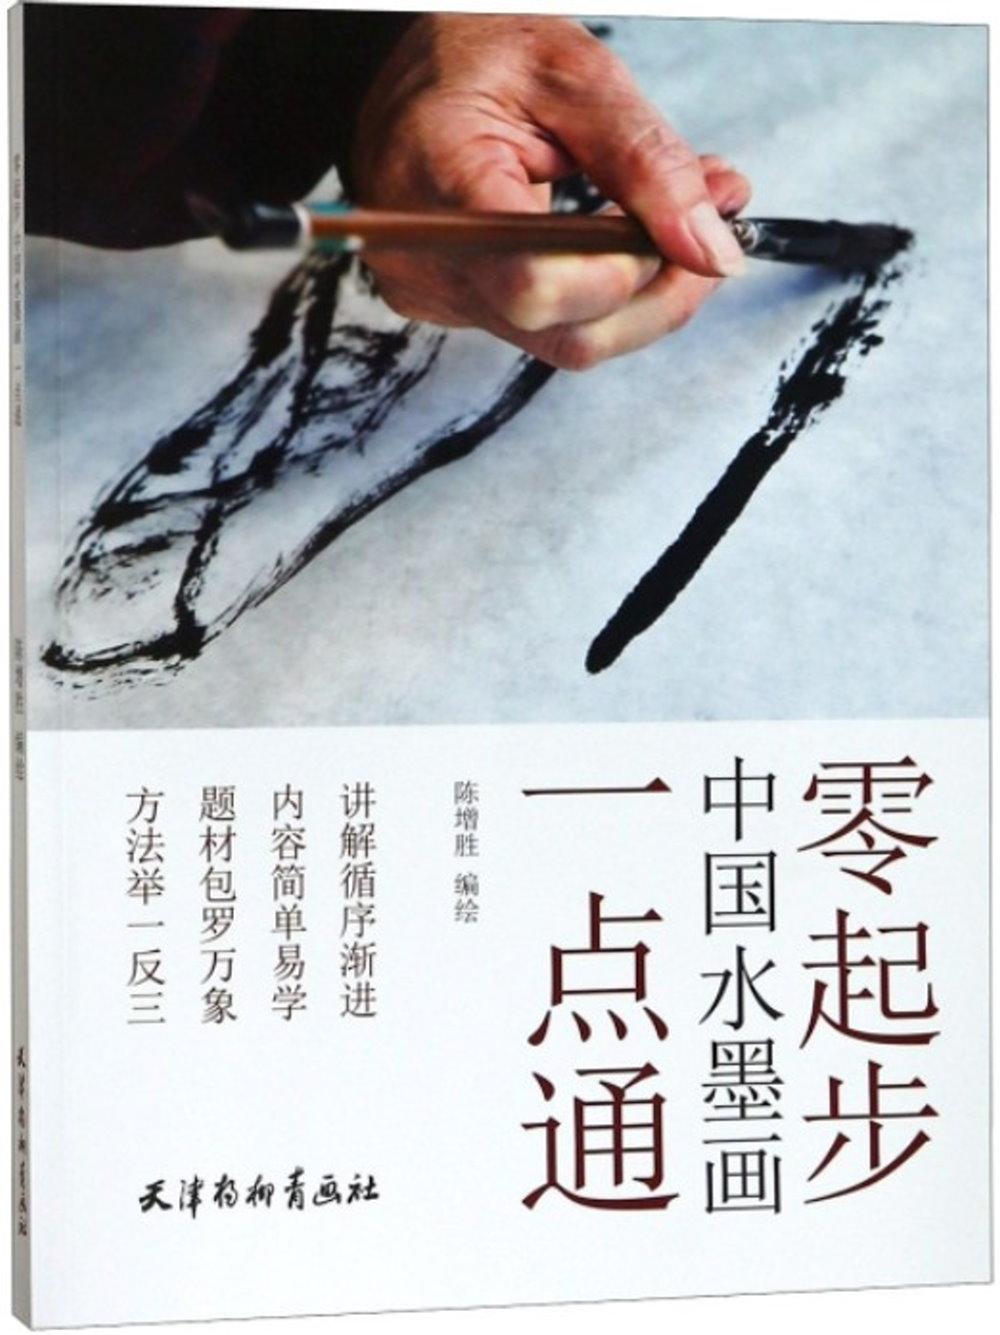 中國水墨畫一點通